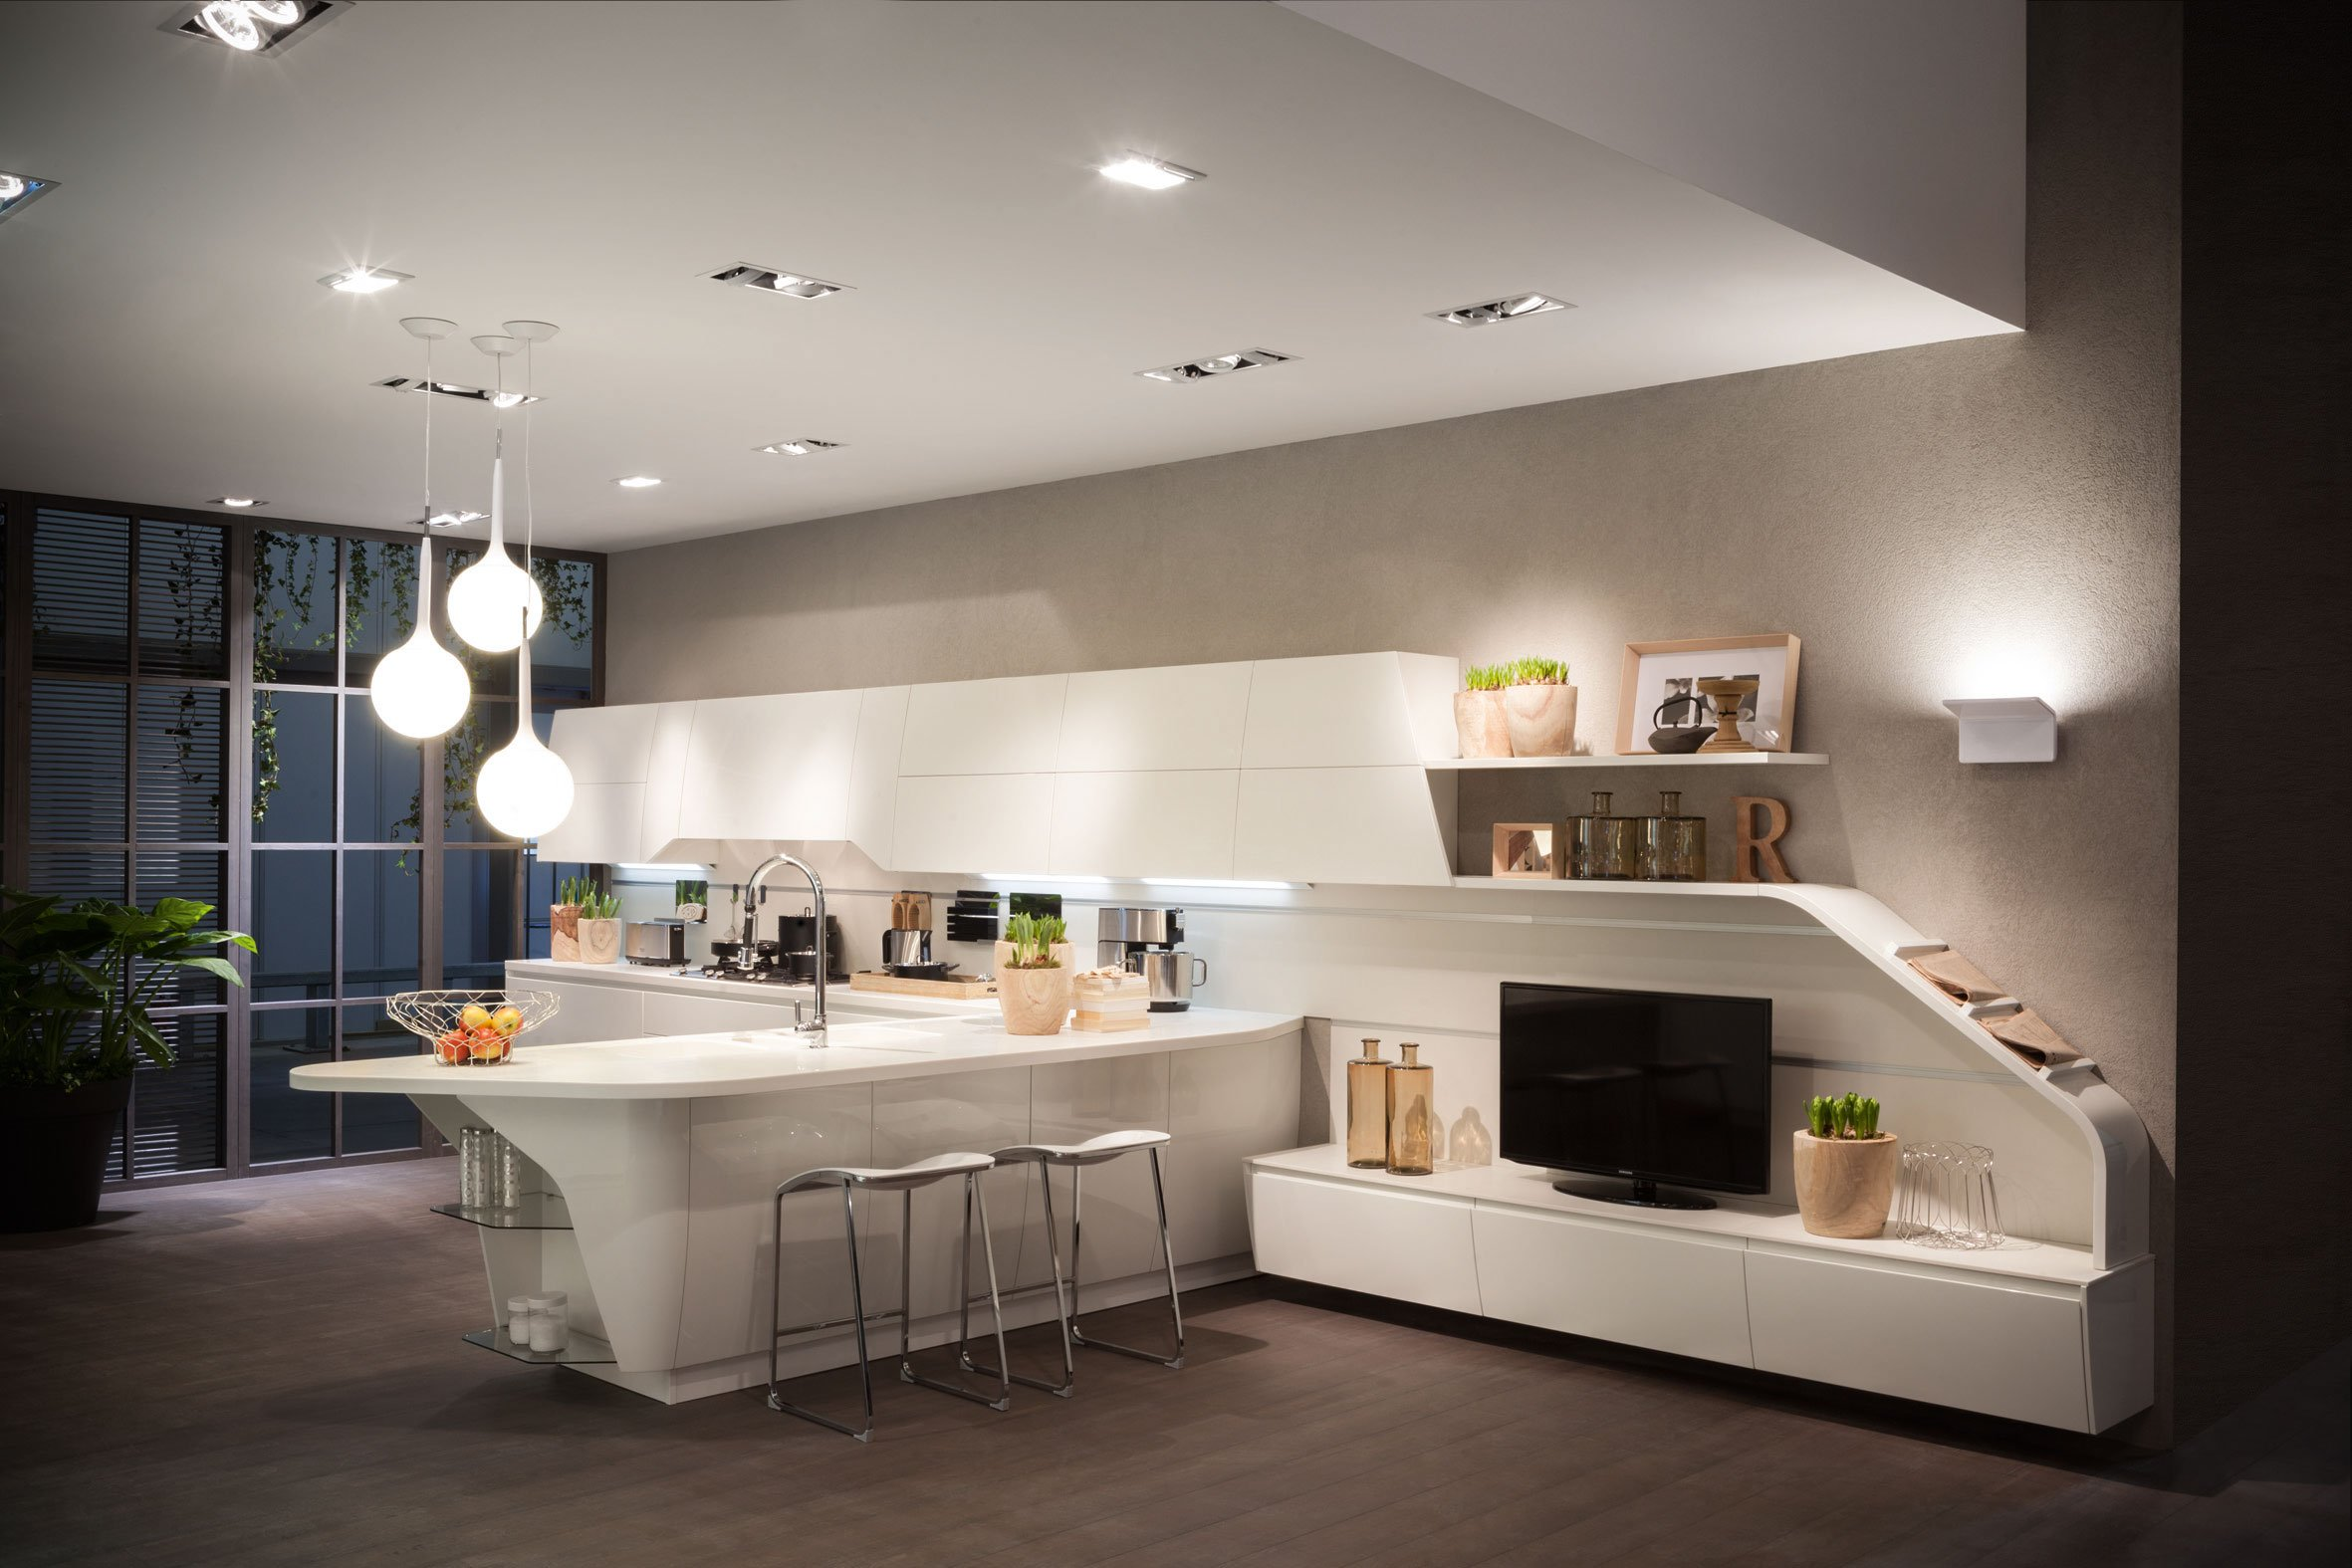 Cucina e soggiorno un unico ambiente cose di casa for Arredamento per piccoli ambienti